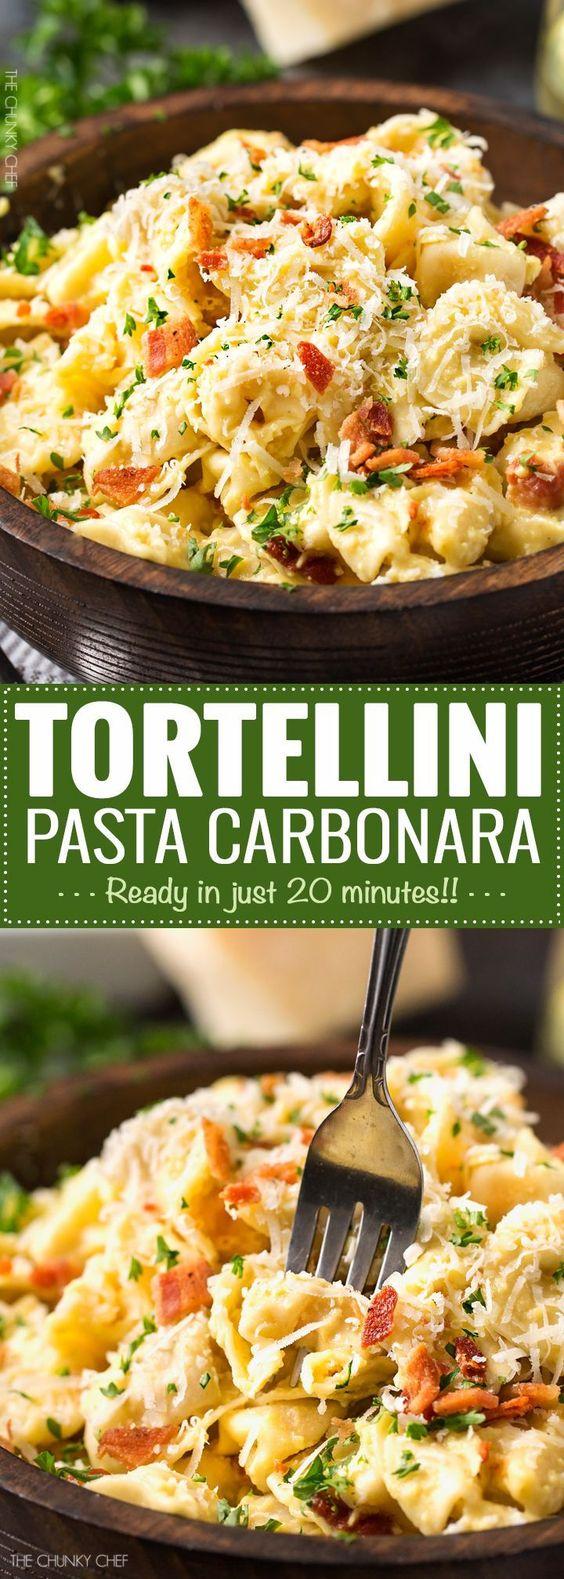 20 MINUTE TORTELLINI PASTA CARBONARA #tortellini #pasta #pastarecipes #carbonara #dinnerrecipes